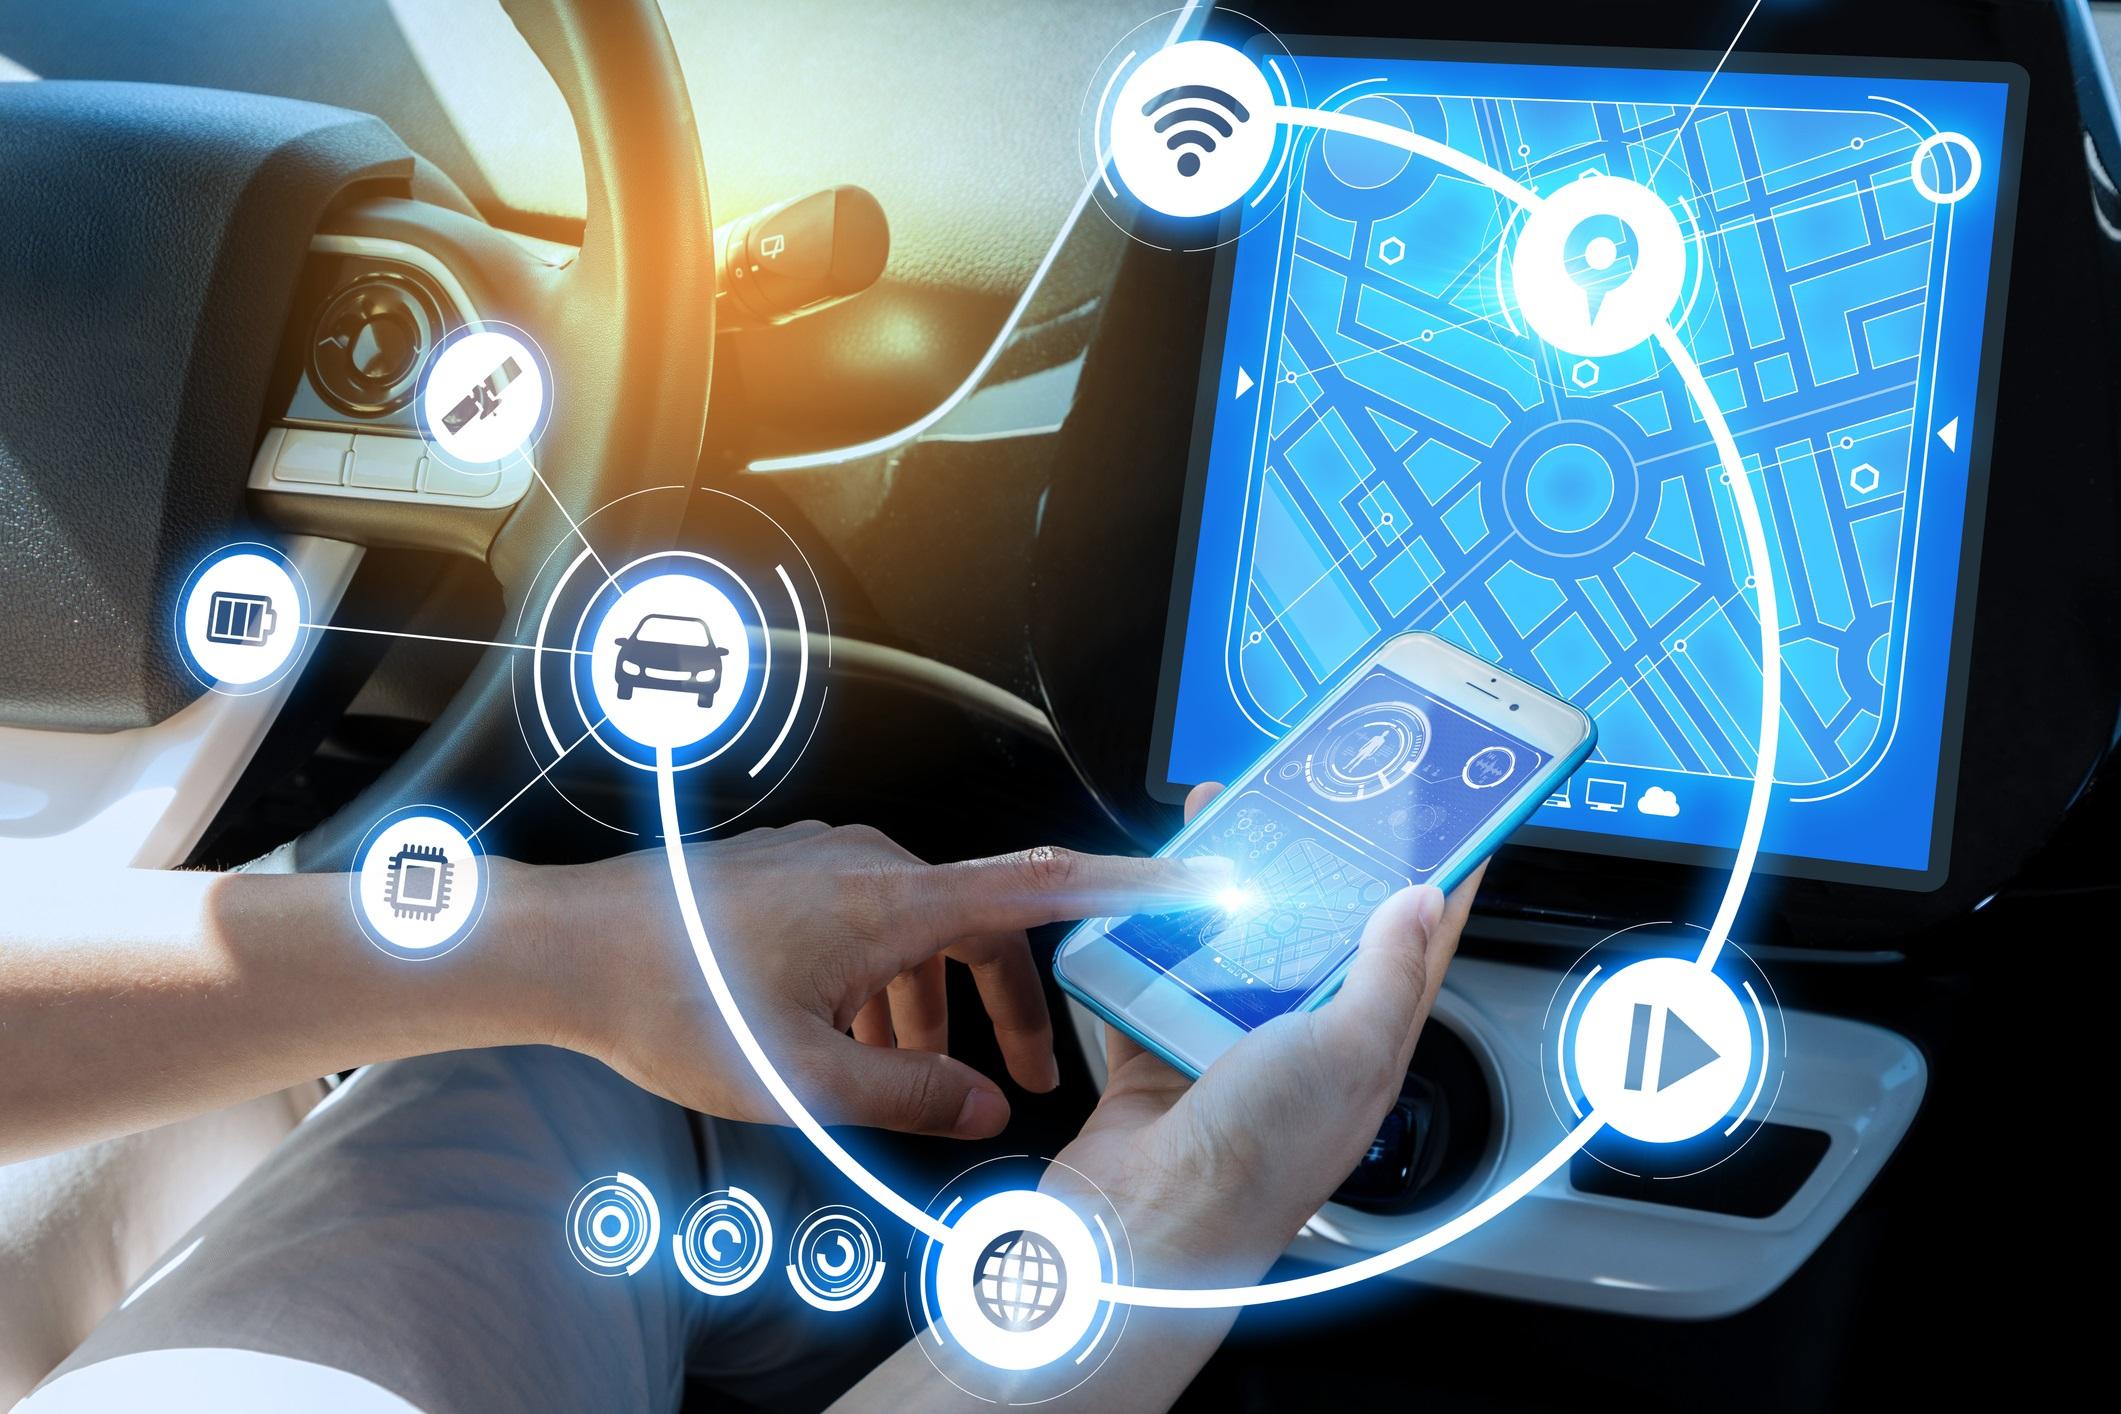 Bluetooth hacken und fremde Geräte steuern oder Daten